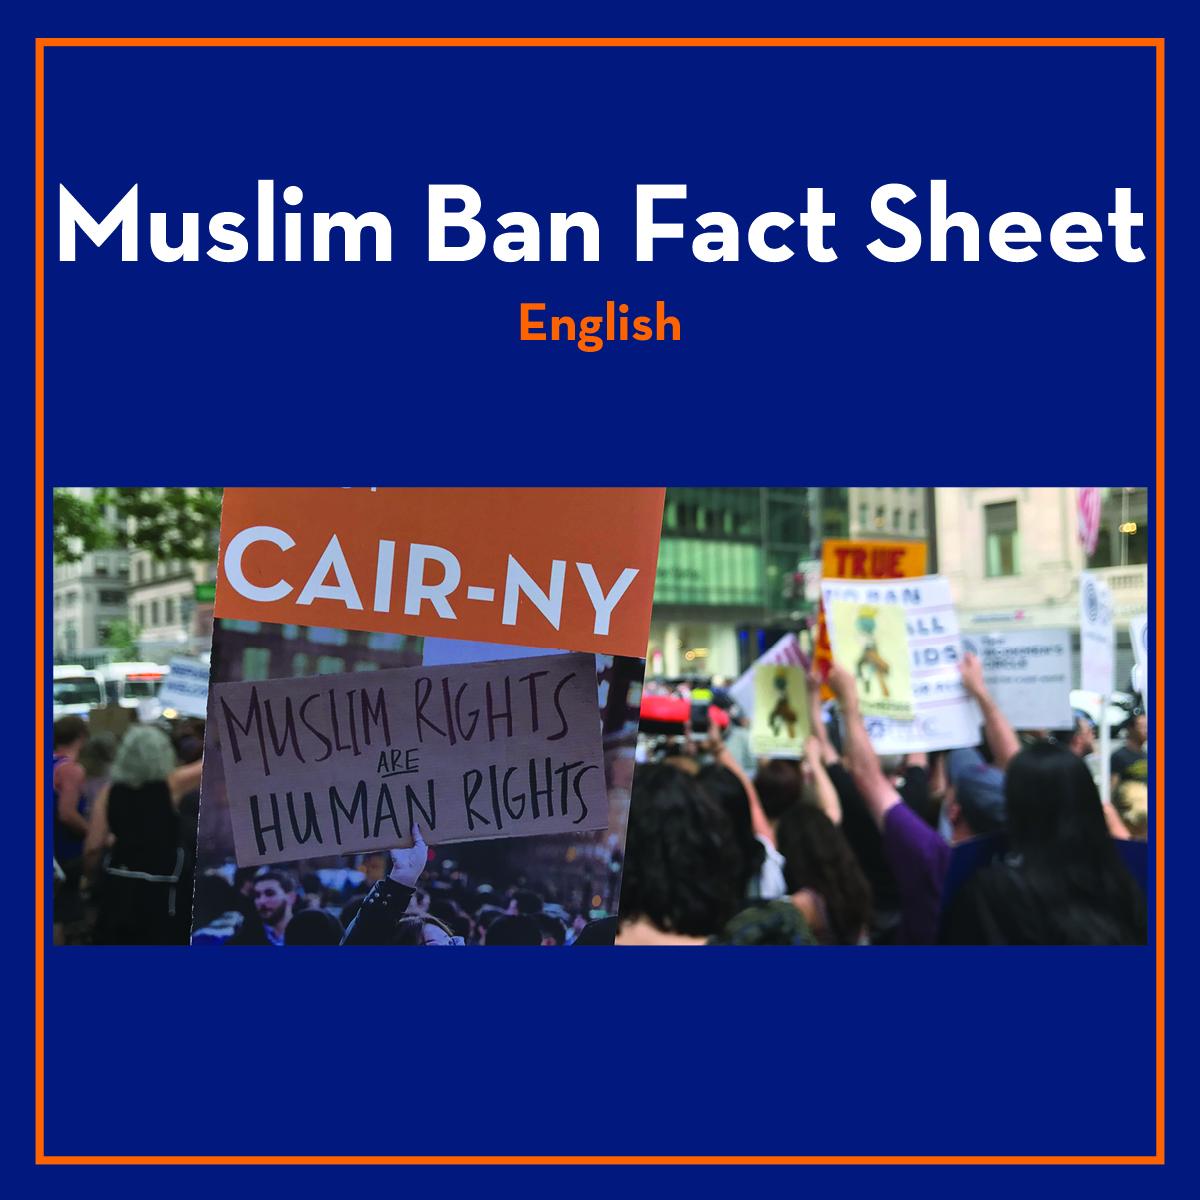 Muslim Ban English.jpg